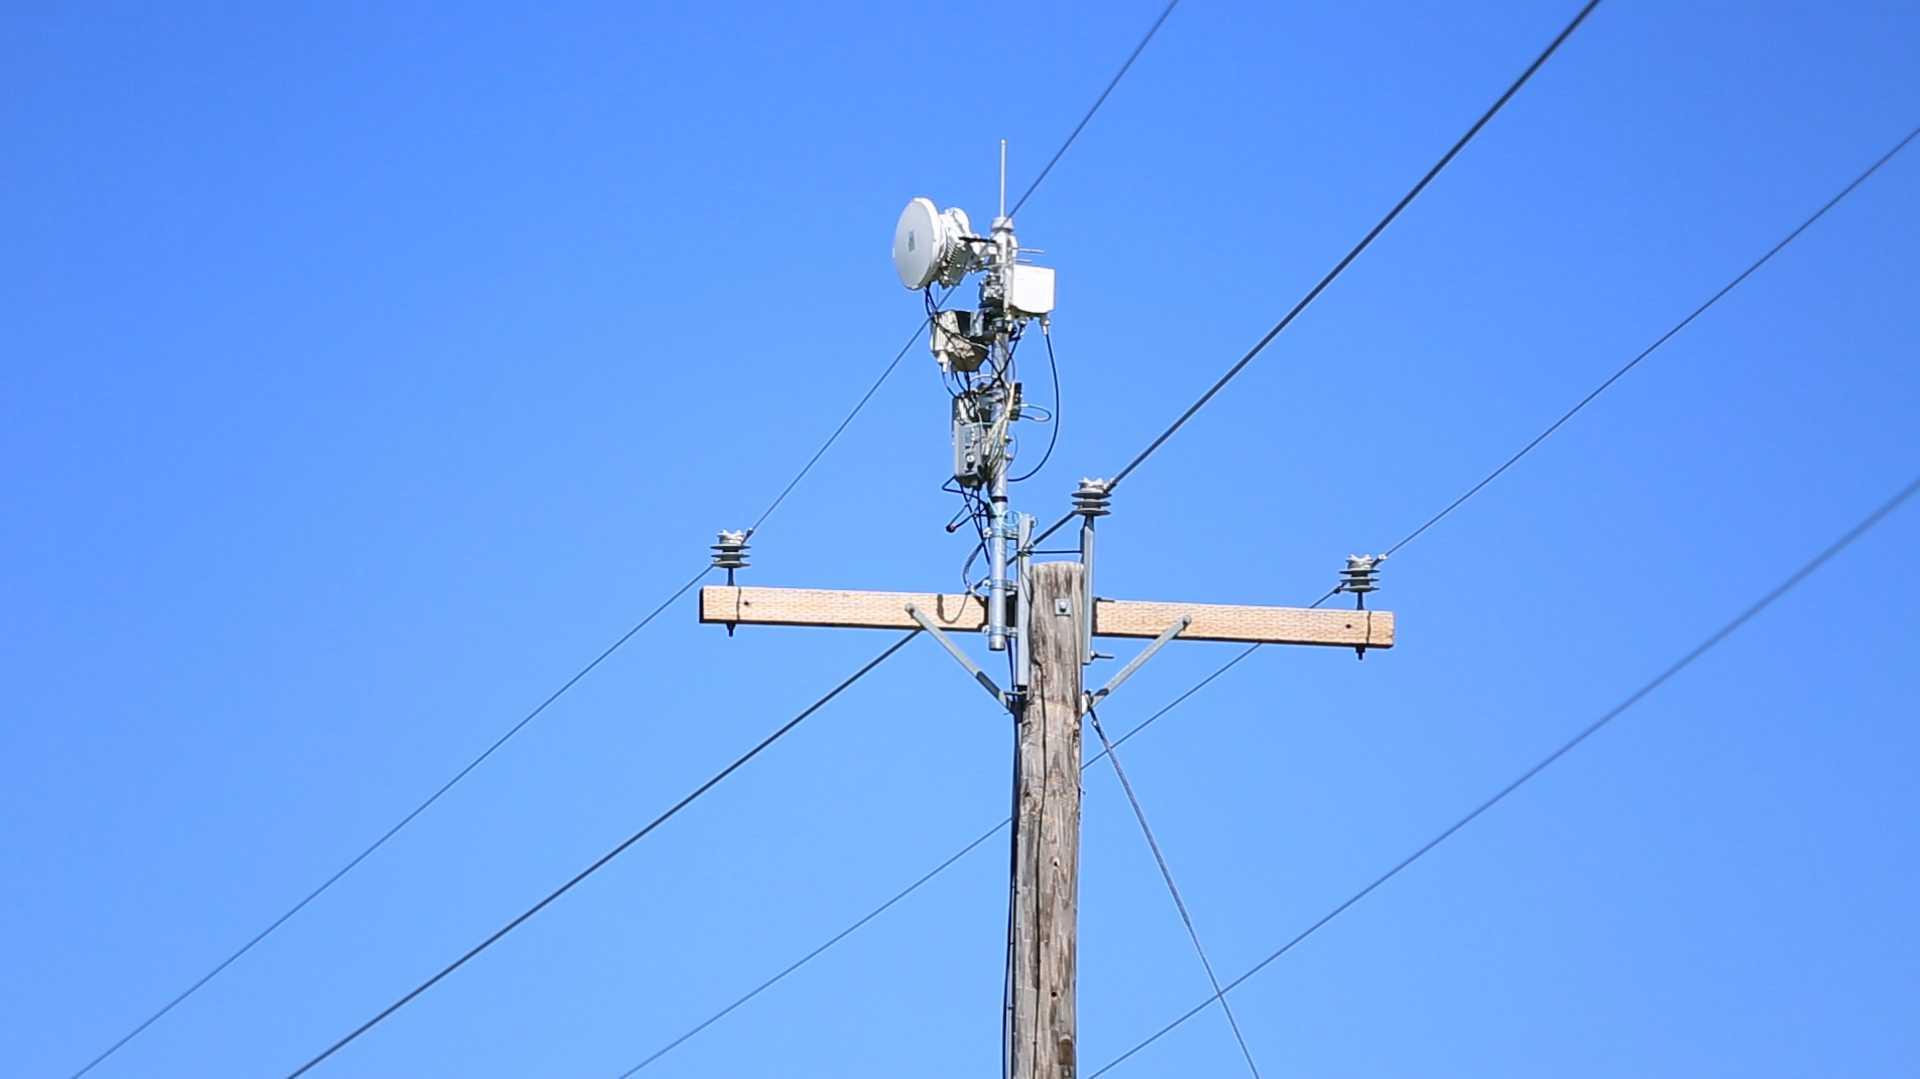 AT&T tüftelt an Gigabit-Richtfunk auf Strommasten